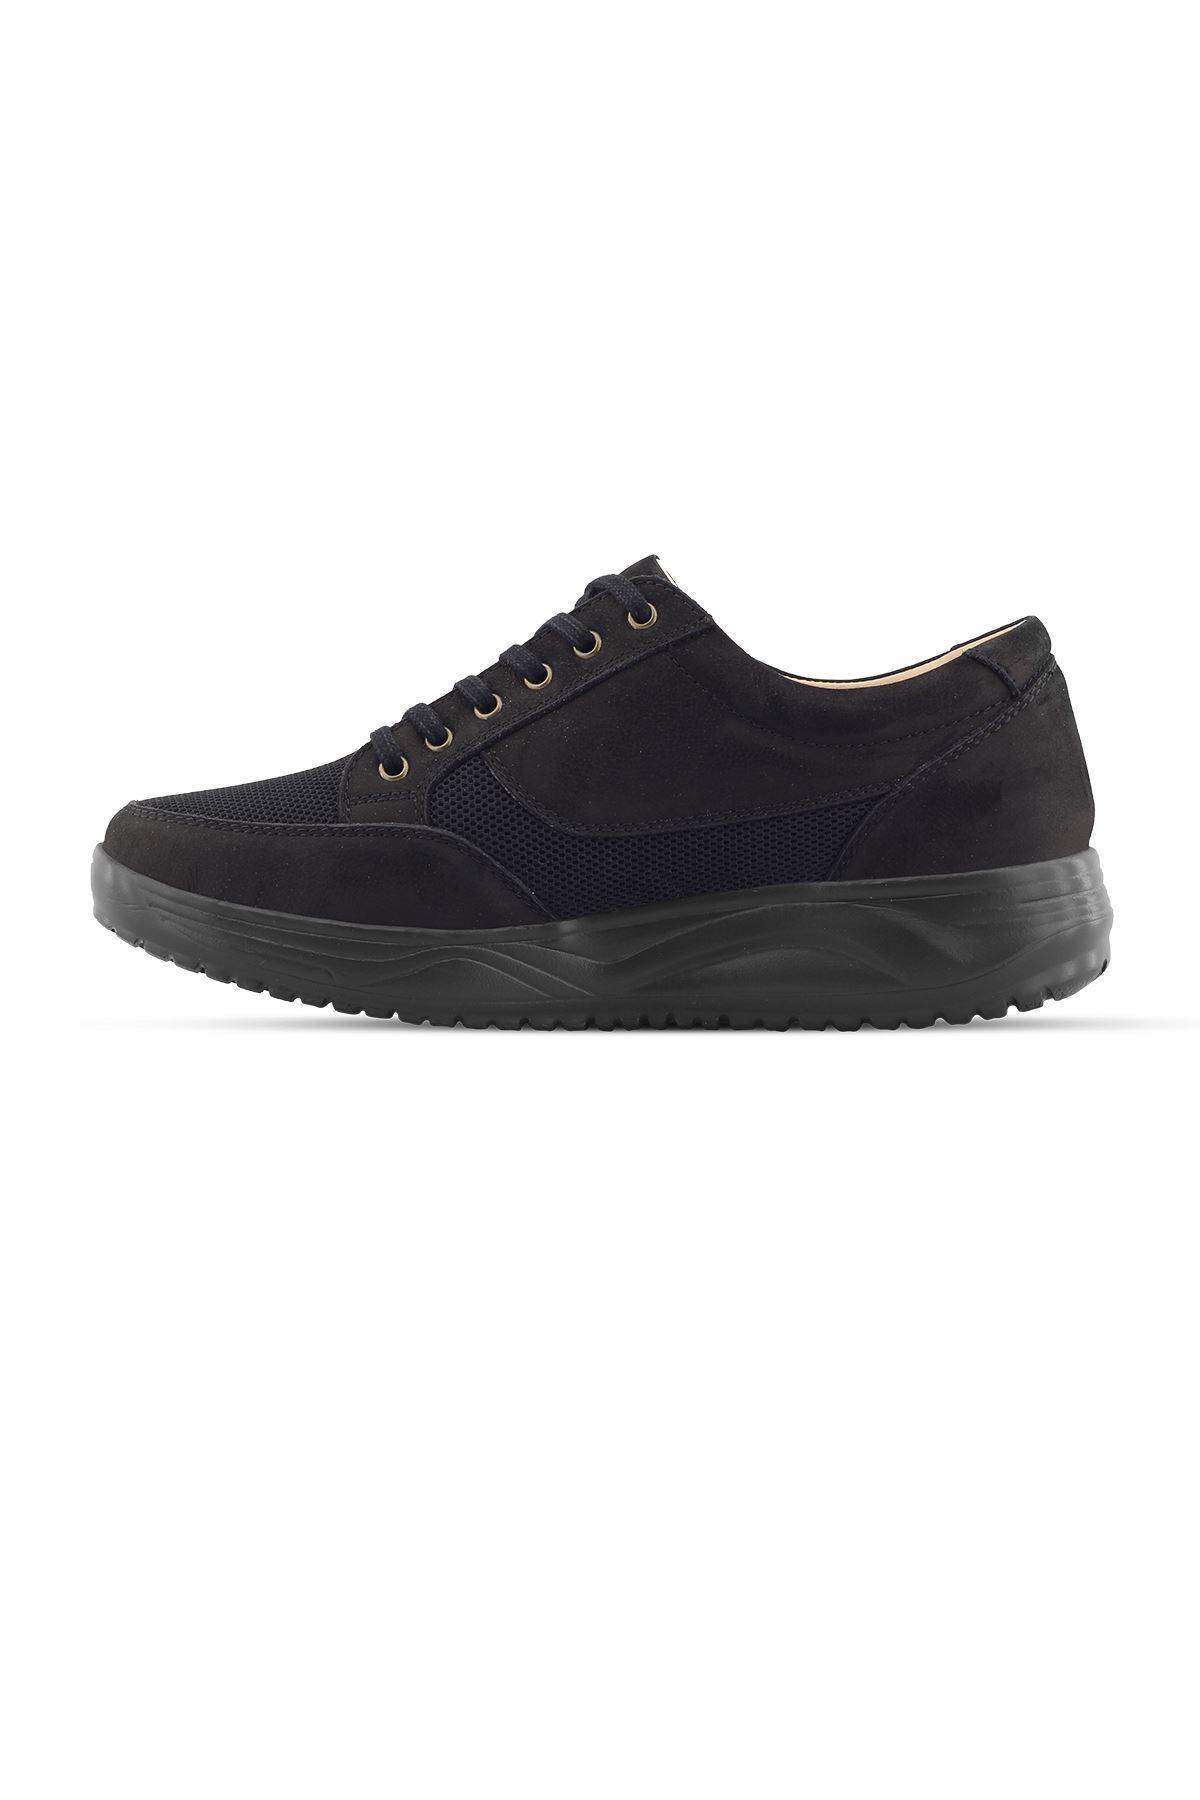 1656 Nubuk Siyah Erkek Büyük Numara Yürüyüş Ayakkabısı (45-46)